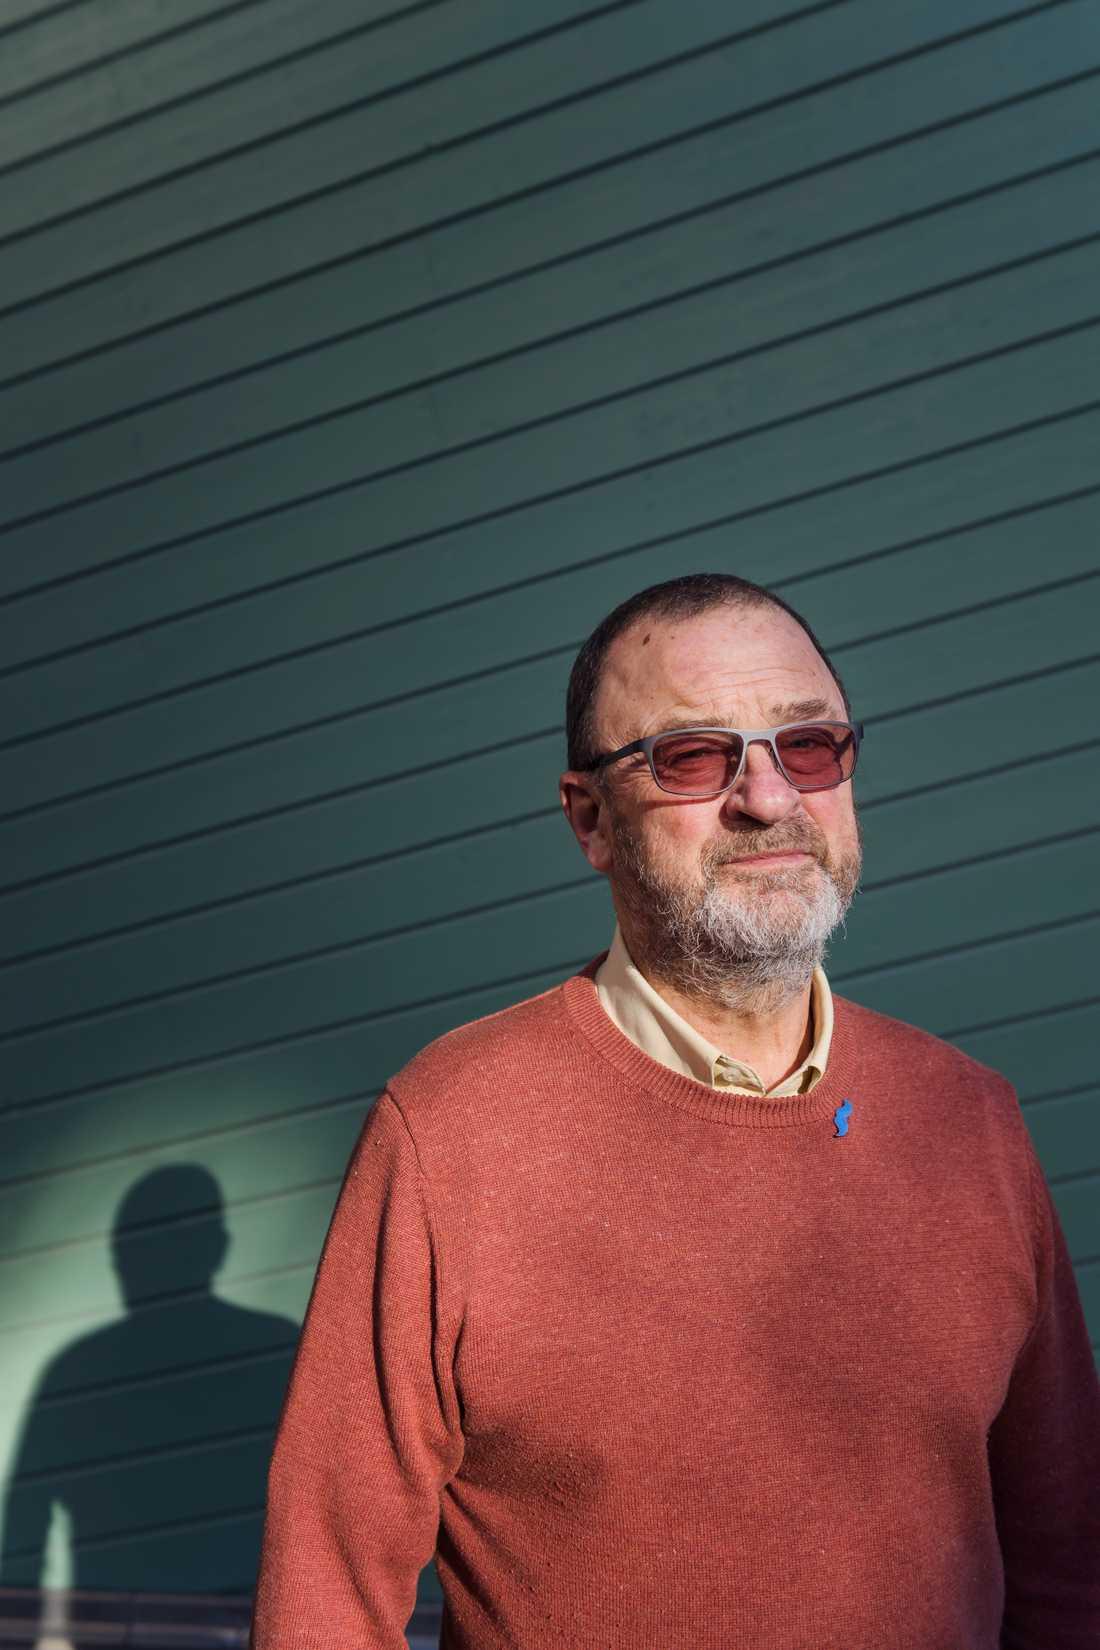 Män måste bli bättre på att prata om prostatacancer, anser Kjell Brissman, ordförande i Prostatacancerförbundet.